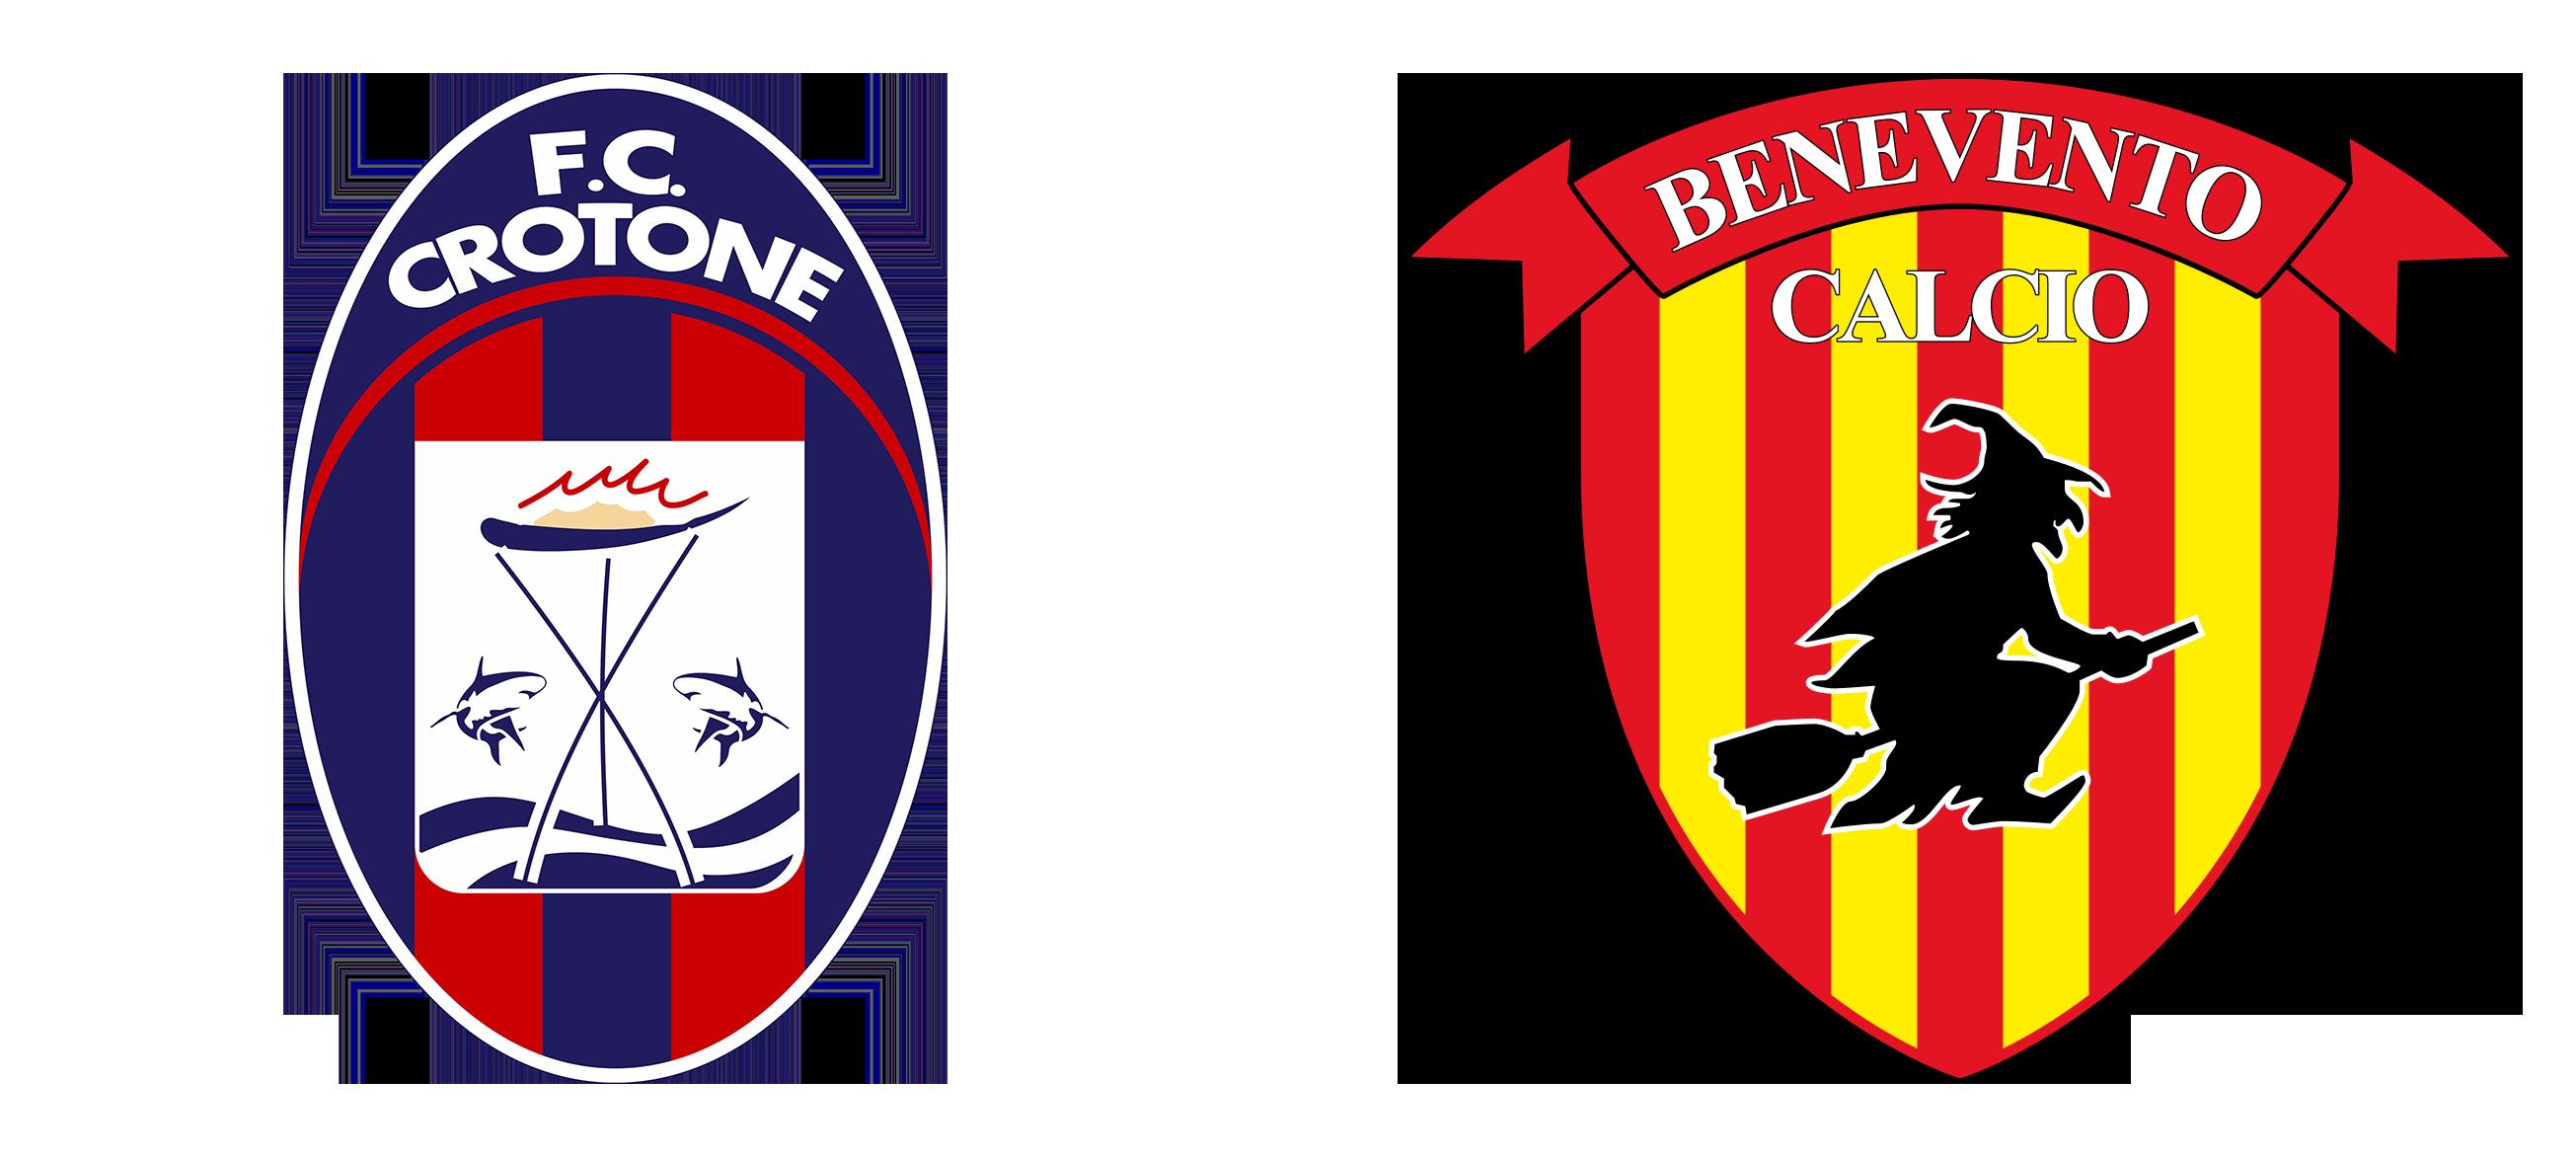 Risultati immagini per CROTONE - Benevento